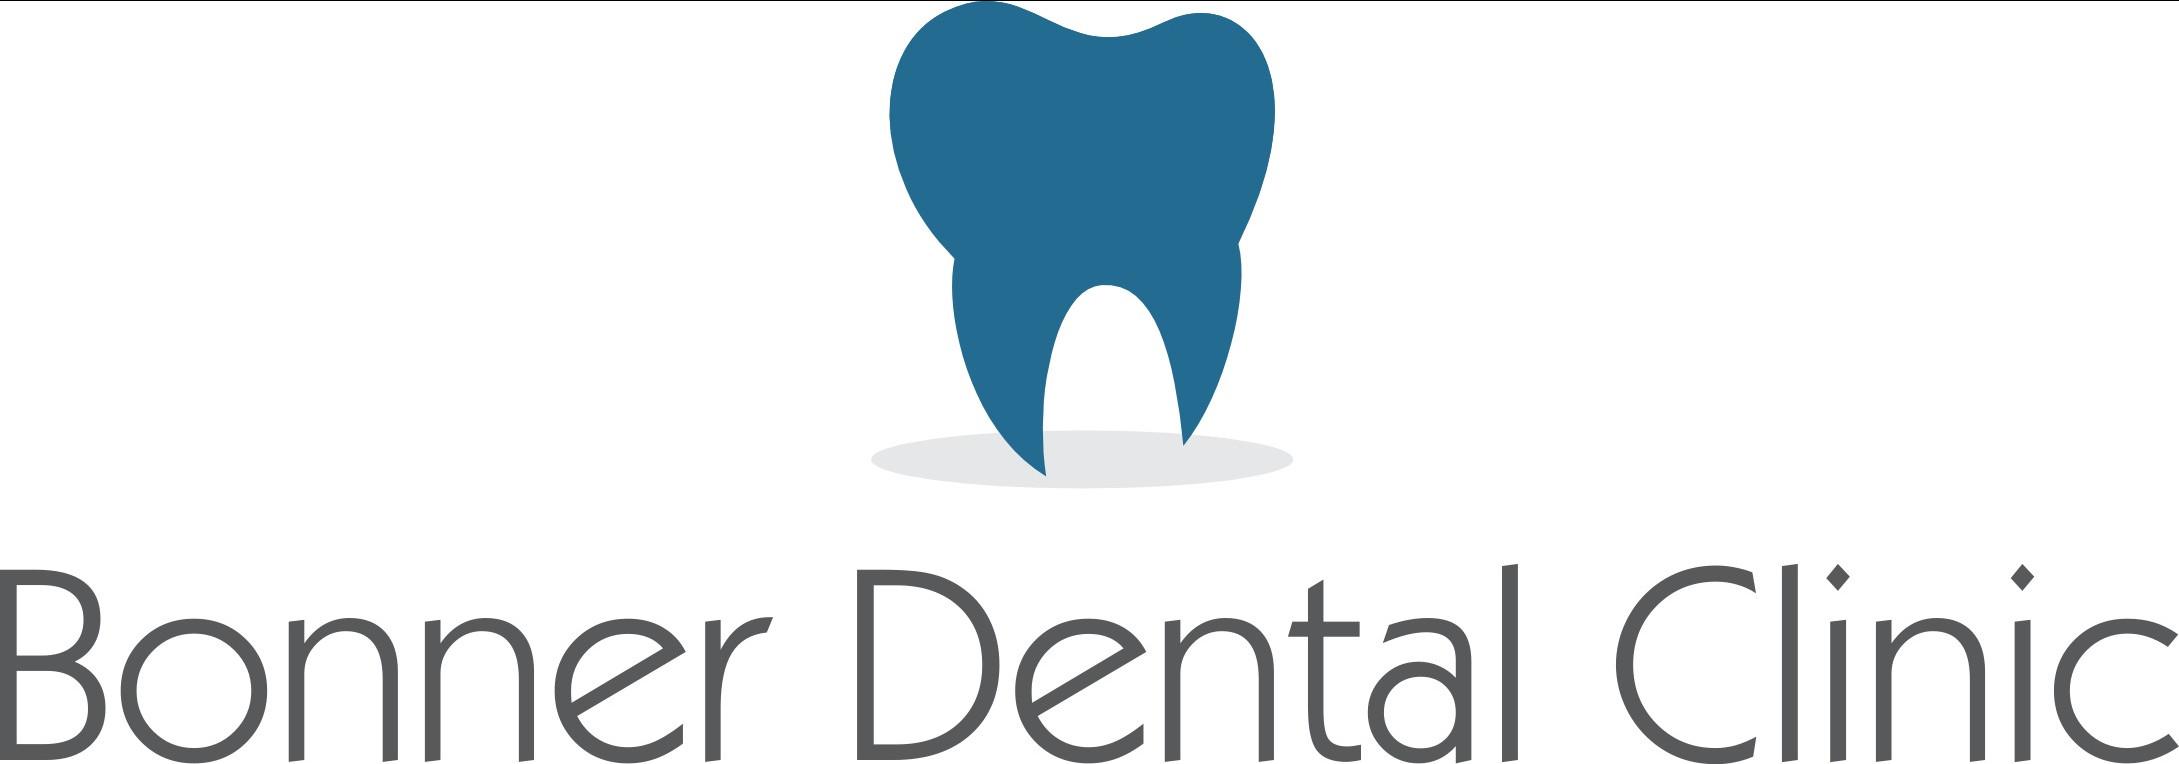 Bonner Dental Clinic